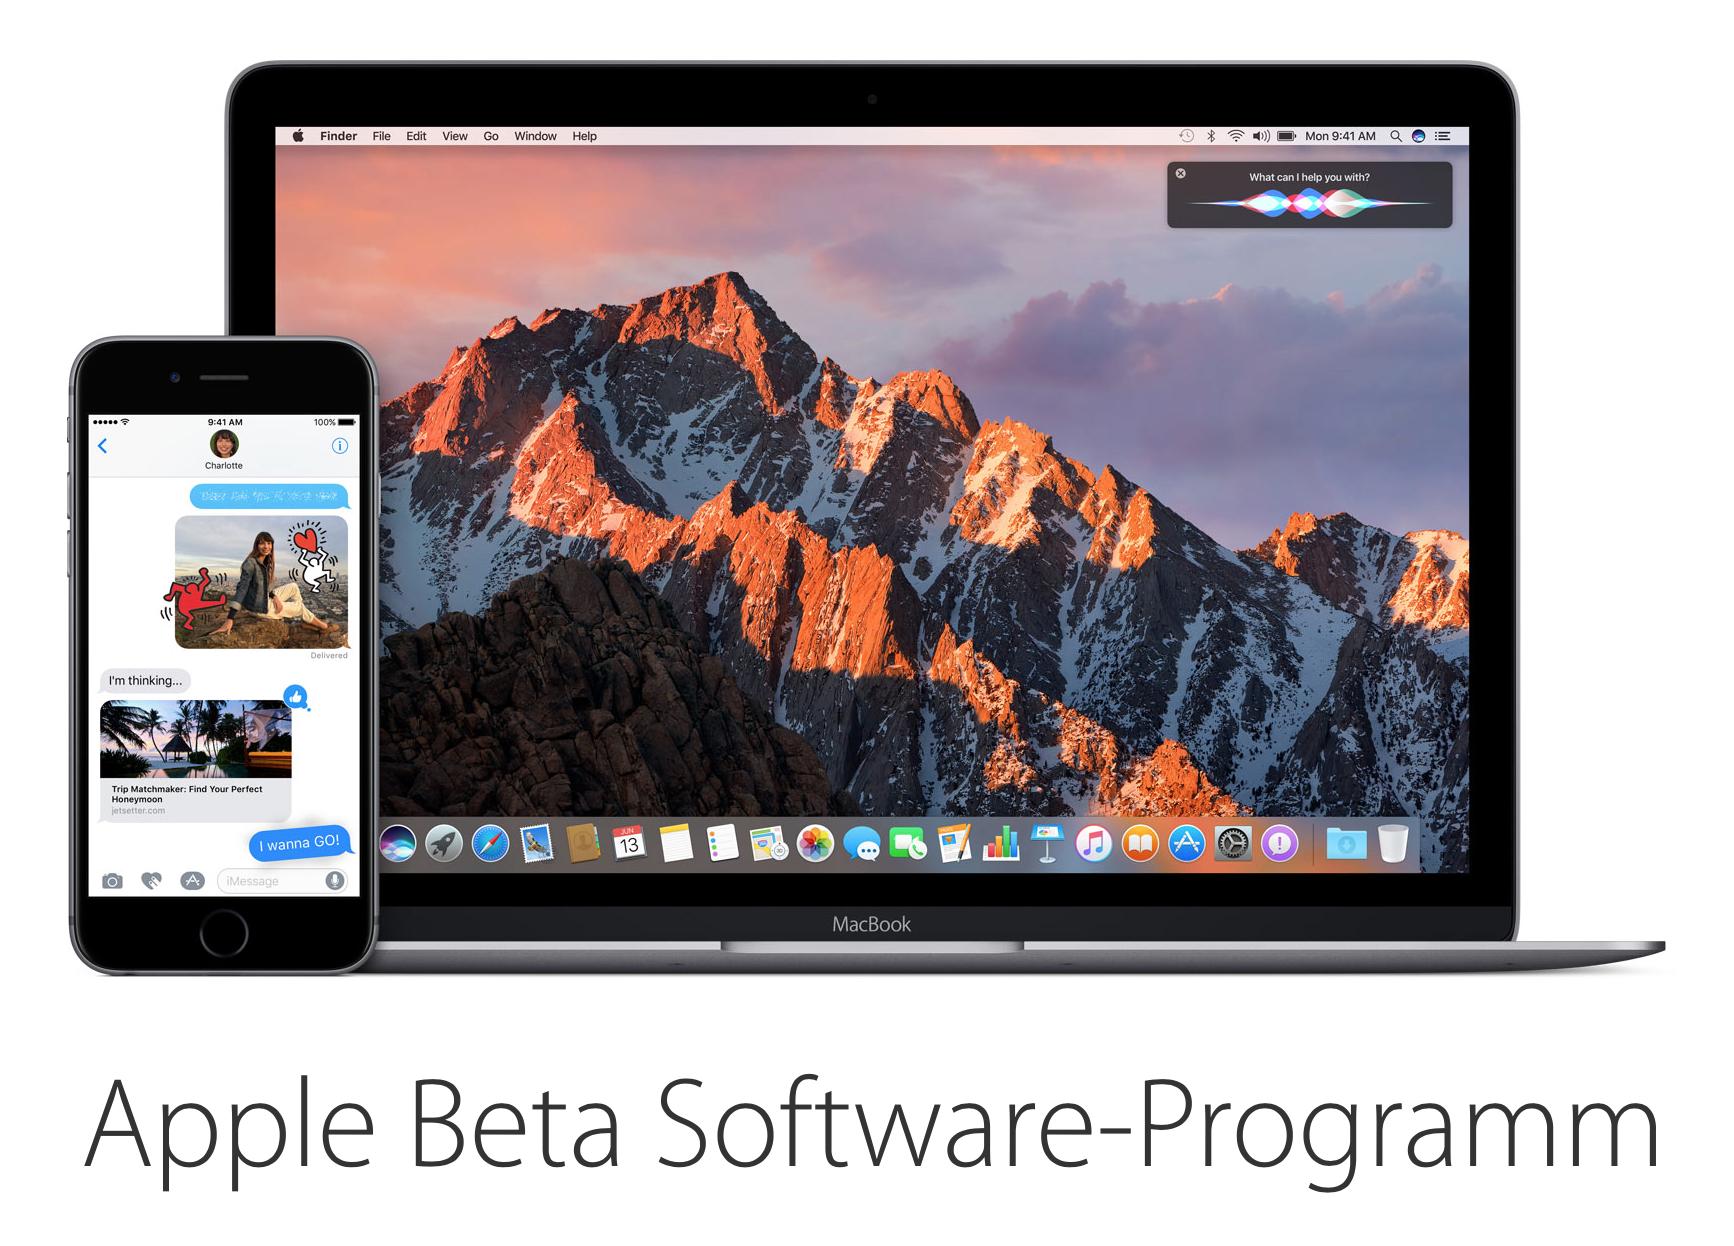 Jetzt bereits iOS 10 und macOS Sierra laden.